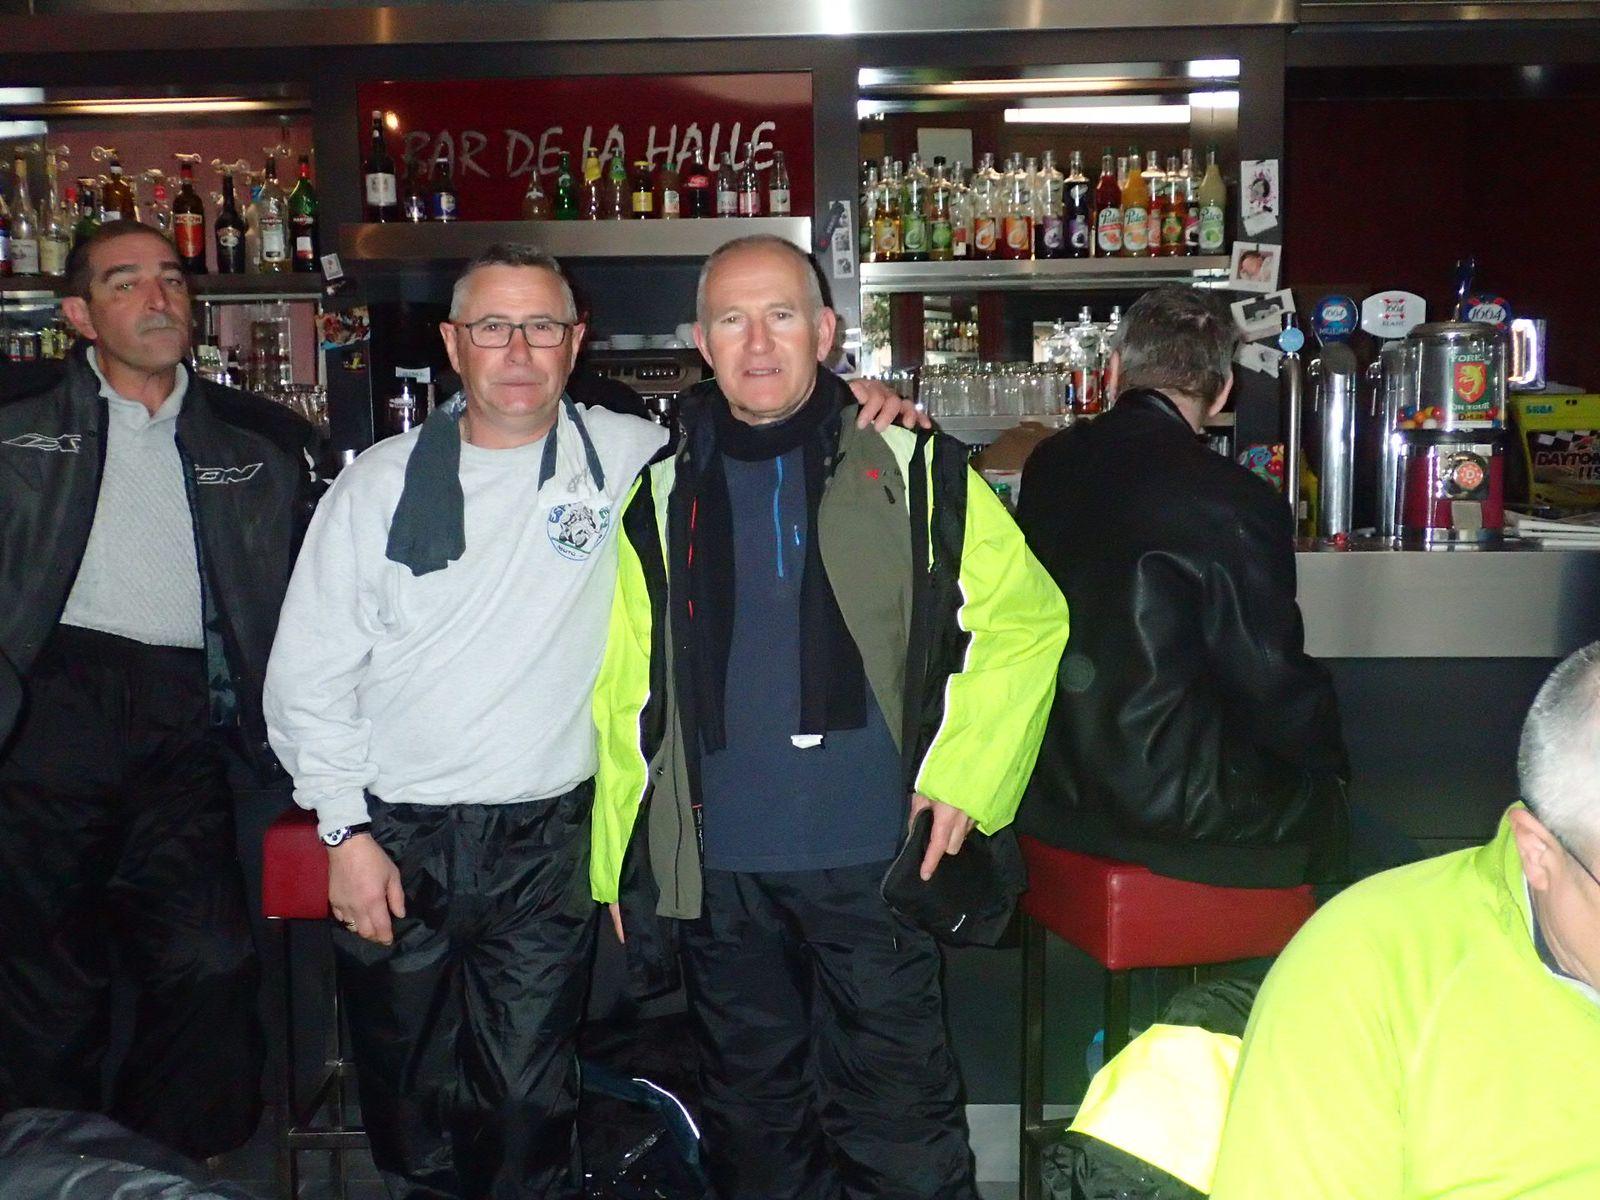 Philippe et Dédé notre photographe en chef